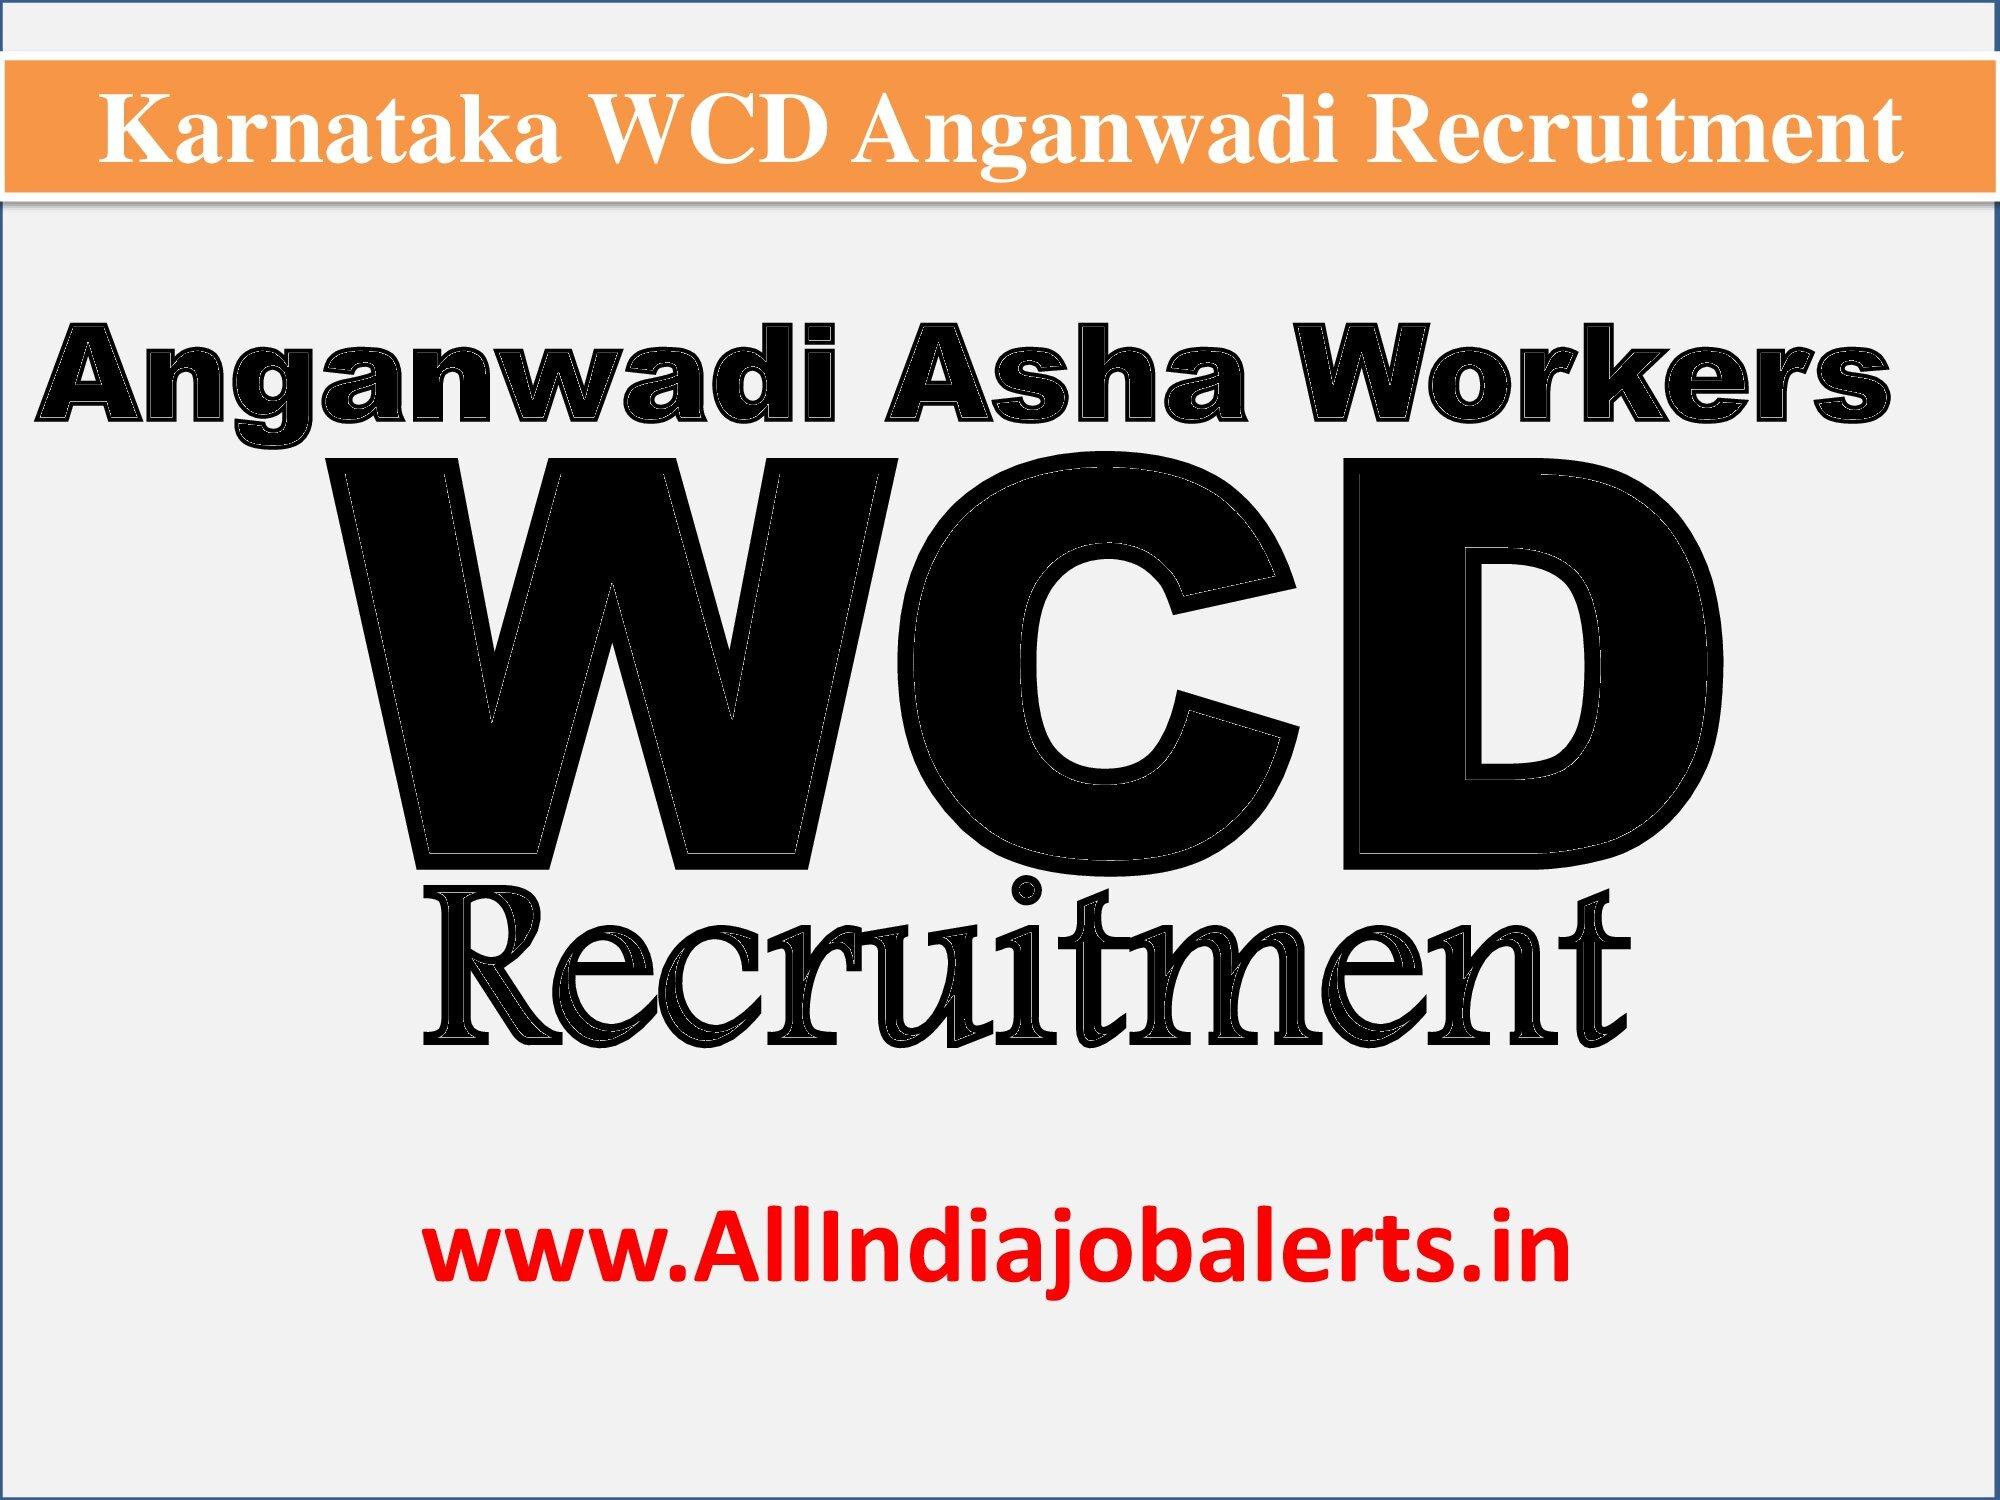 Anganwadi Recruitment 2021 Karnartaka